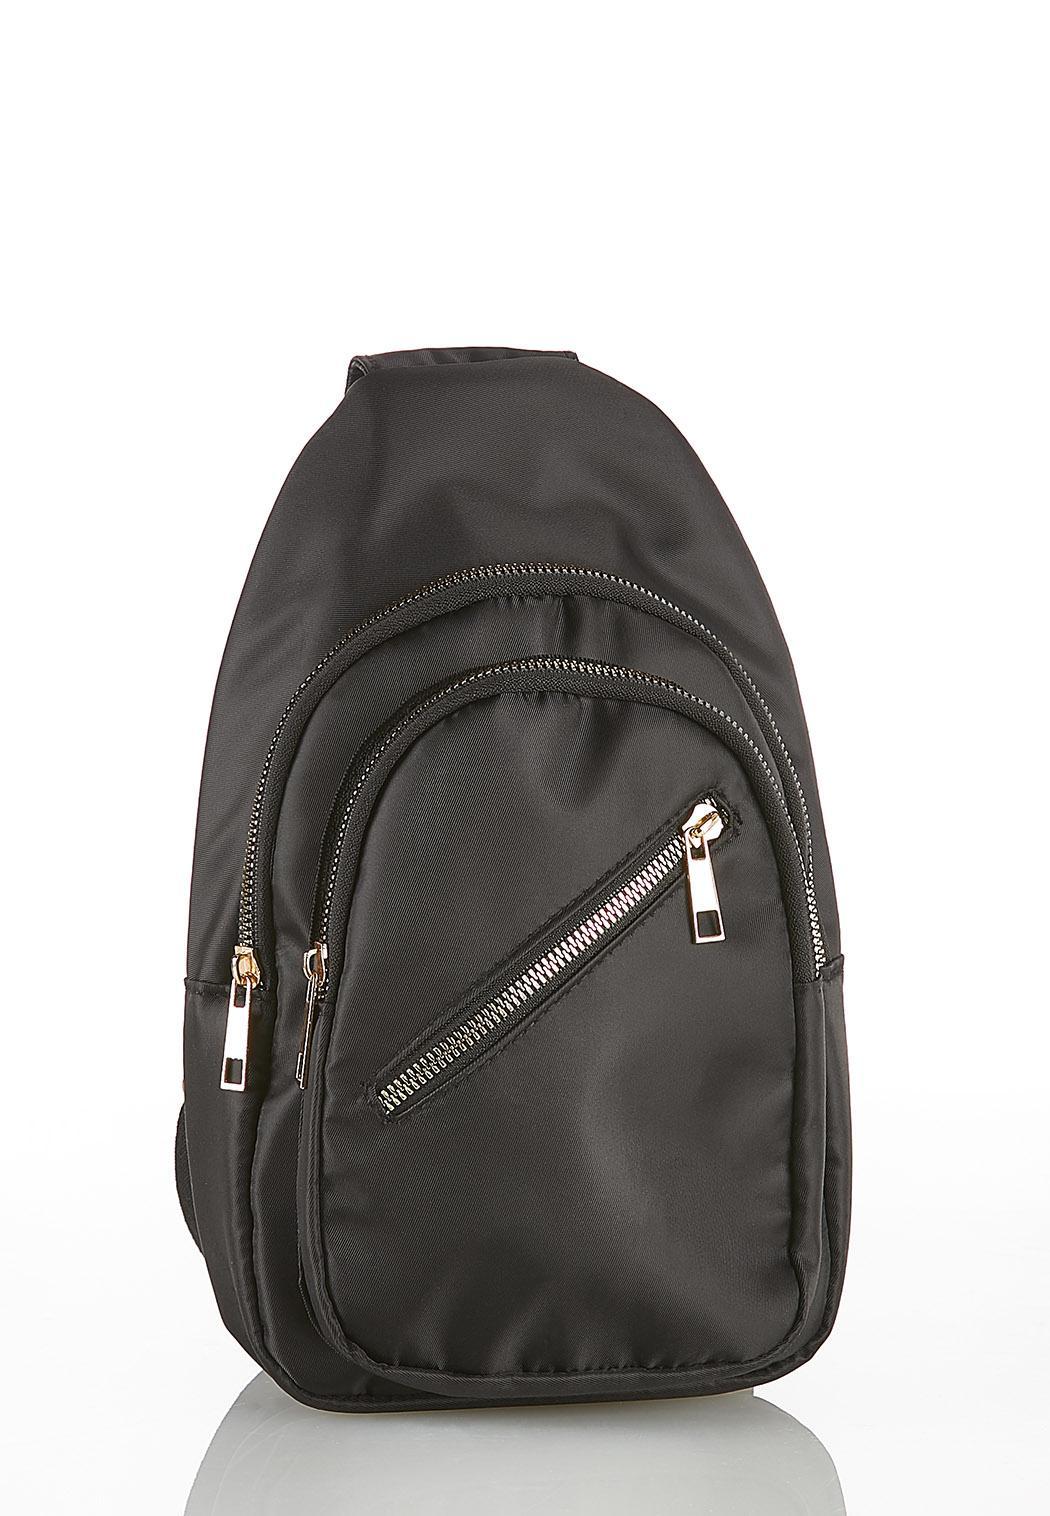 Nylon Zippered Bag